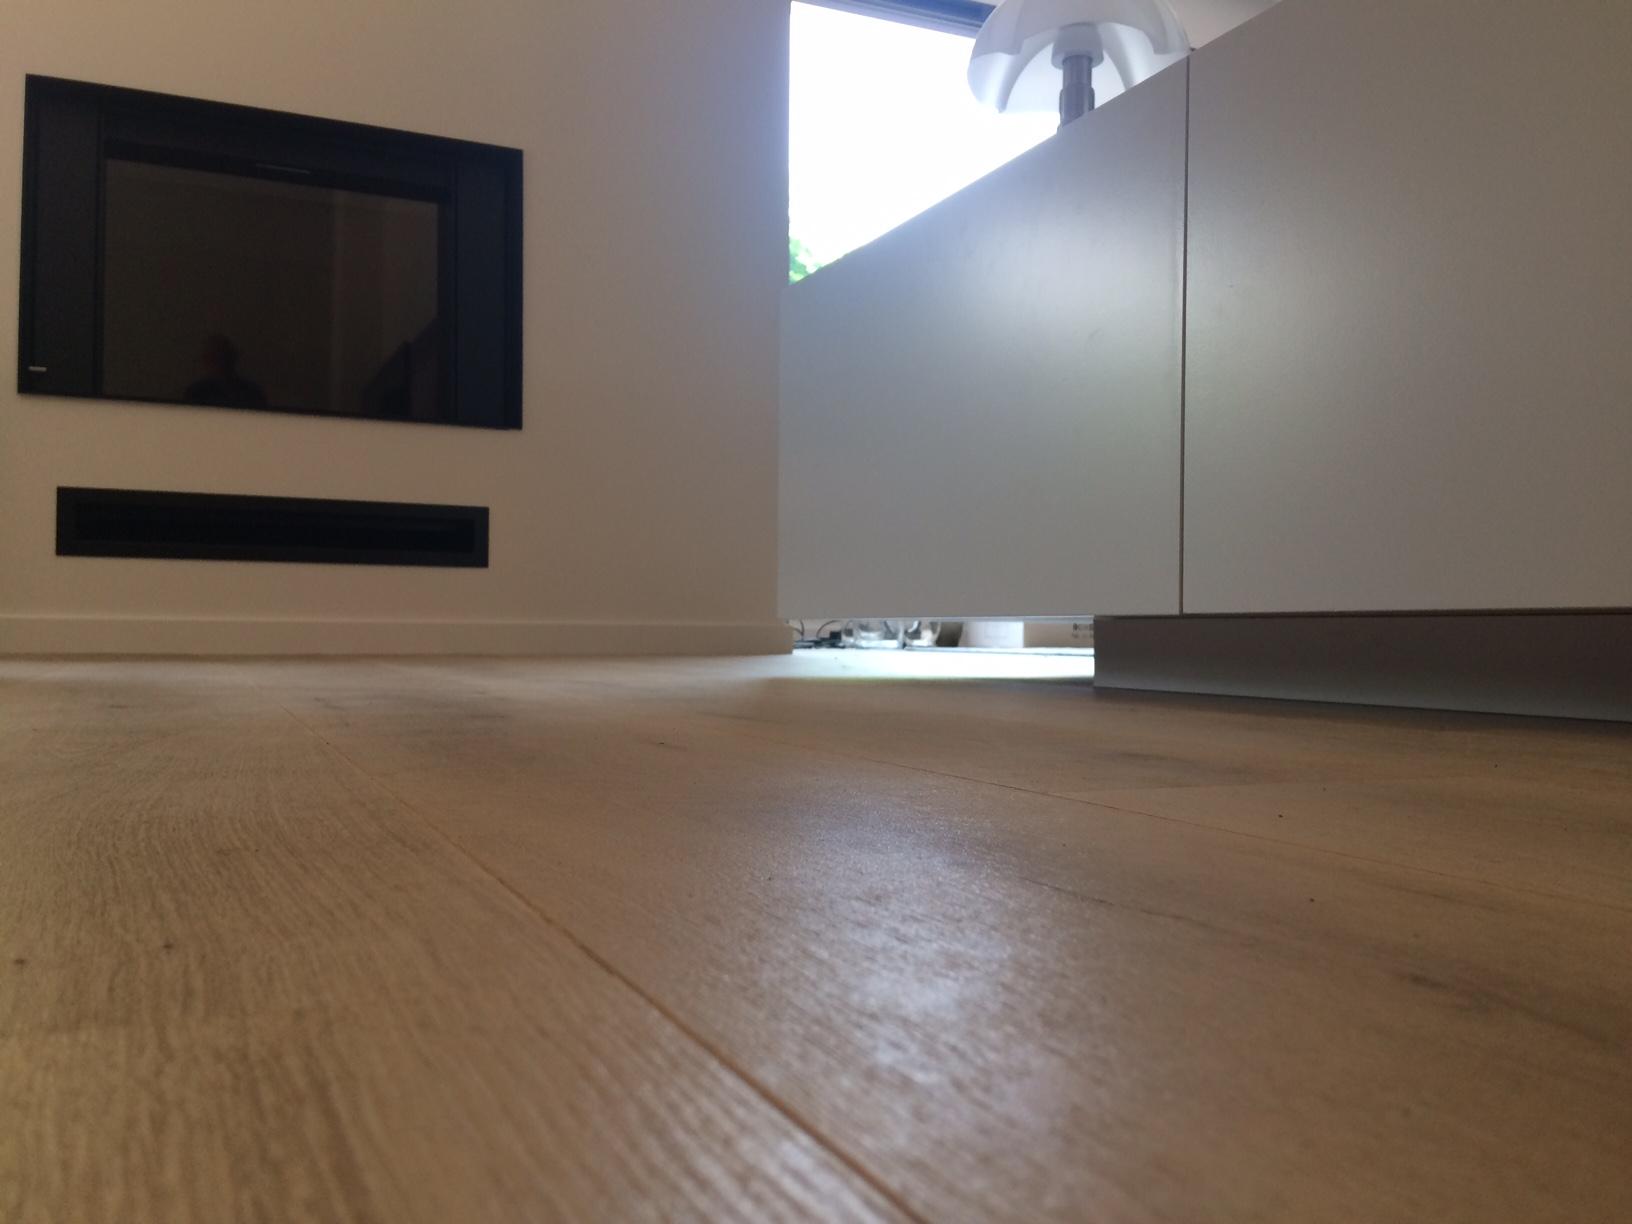 Meuble Sur Mesure Bordeaux réalisation meuble sur mesure - menuisier fabricant - medium